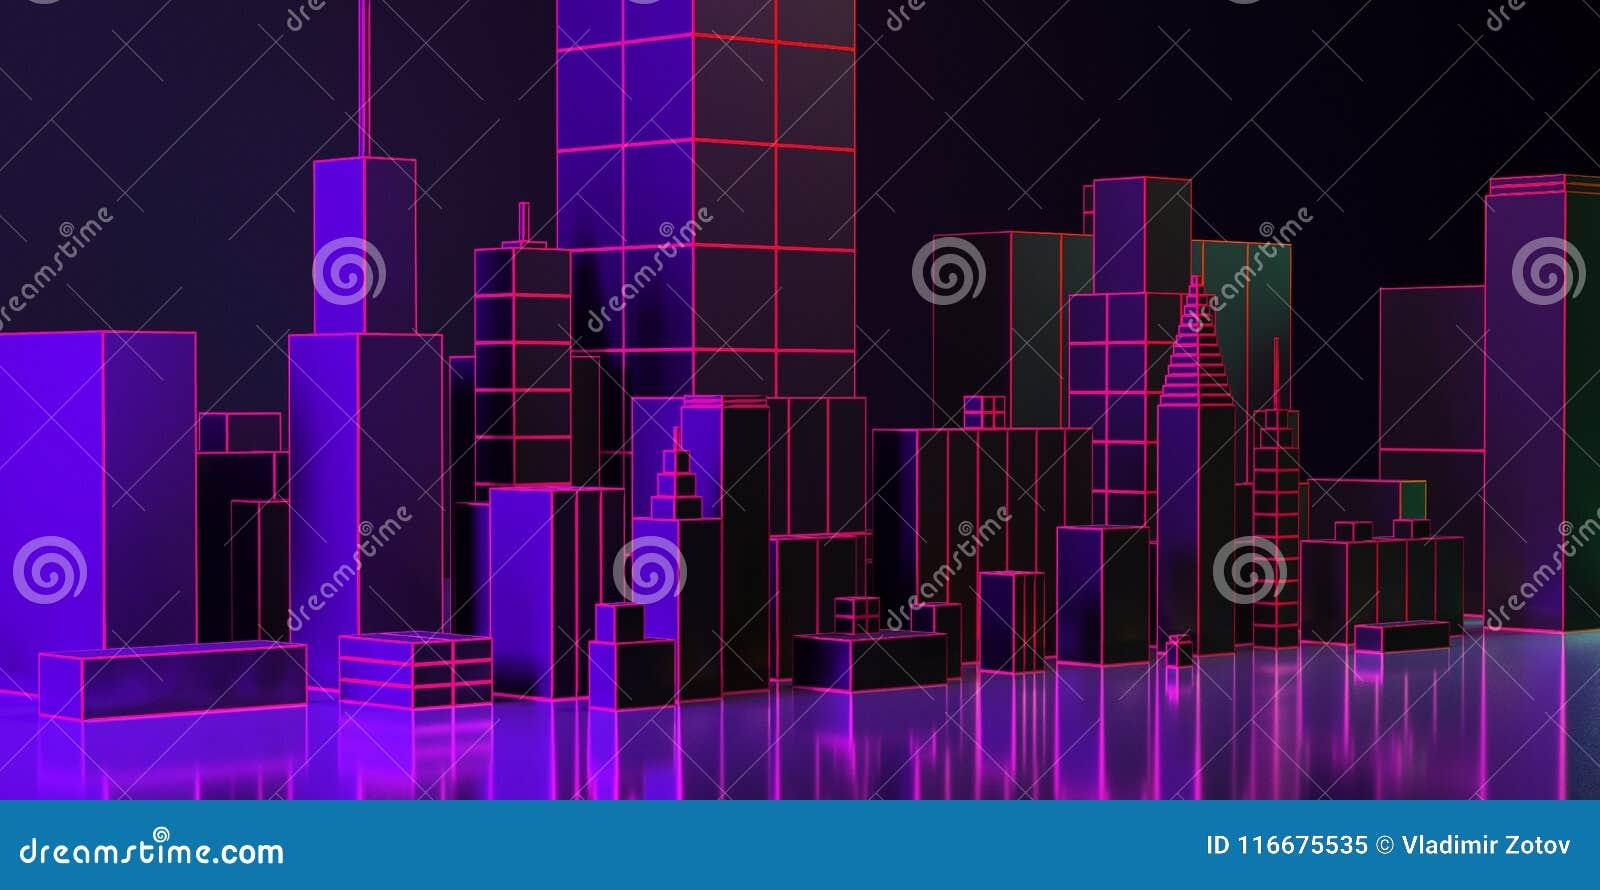 Abbildung 3D Nachtstadtplan mit Neonglühen und klaren Farben